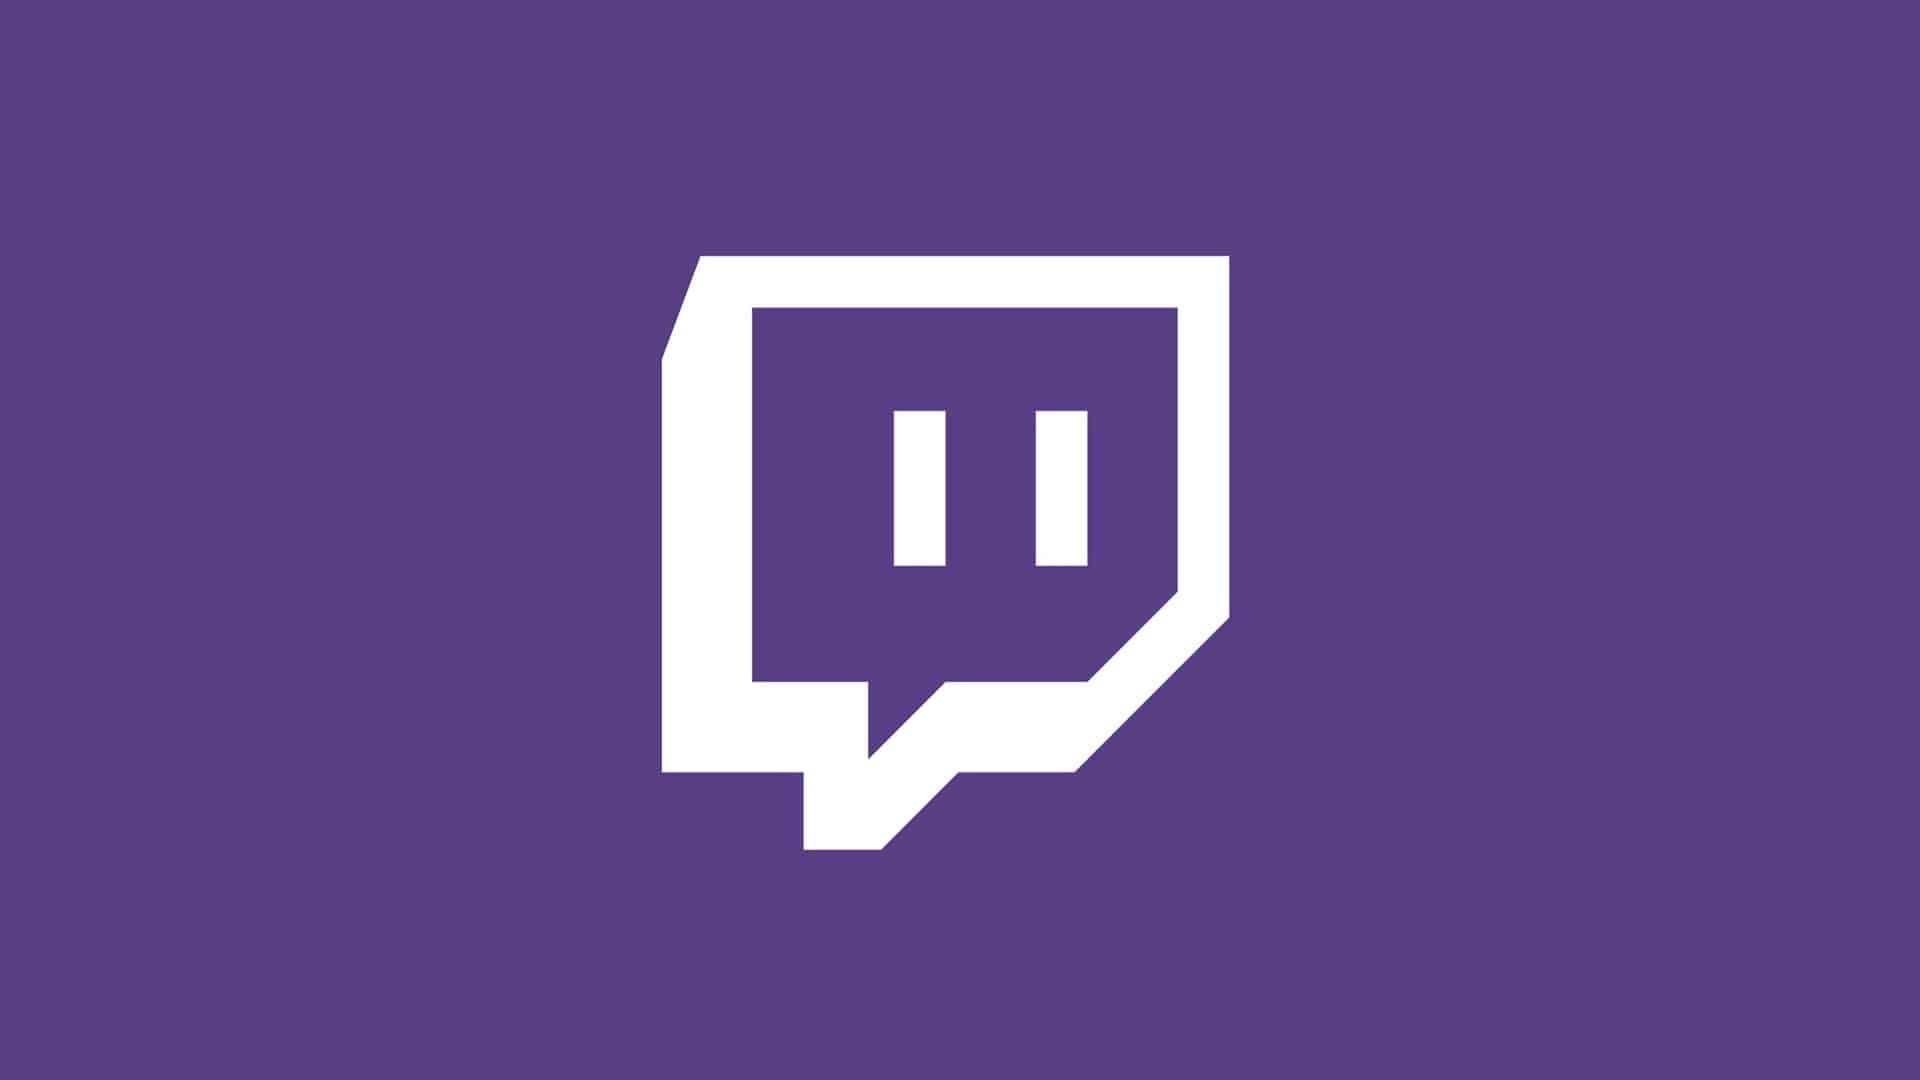 twitch-celebra-a-la-comunidad-con-el-primer-twitchcon-europe-frikigamers.comjpg